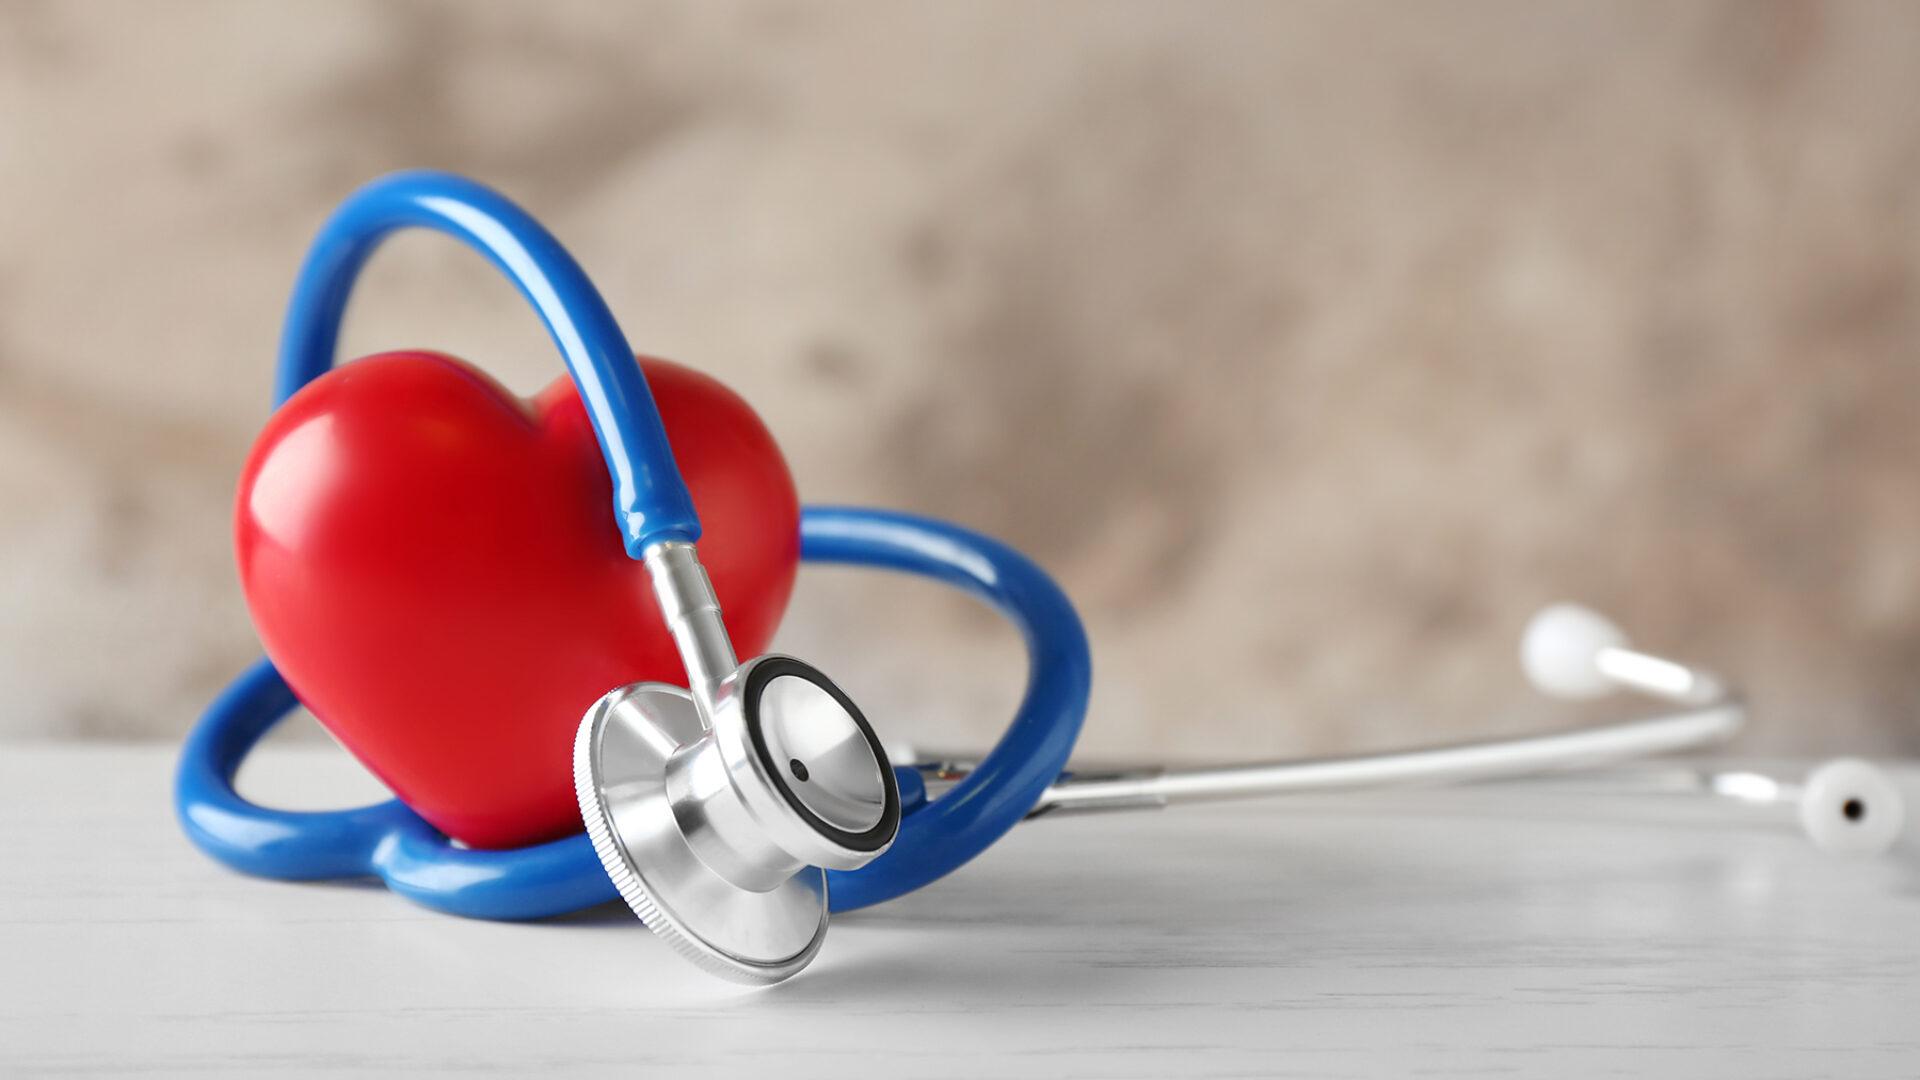 Comment tirer le meilleur parti de votre régime d'assurance maladie ?